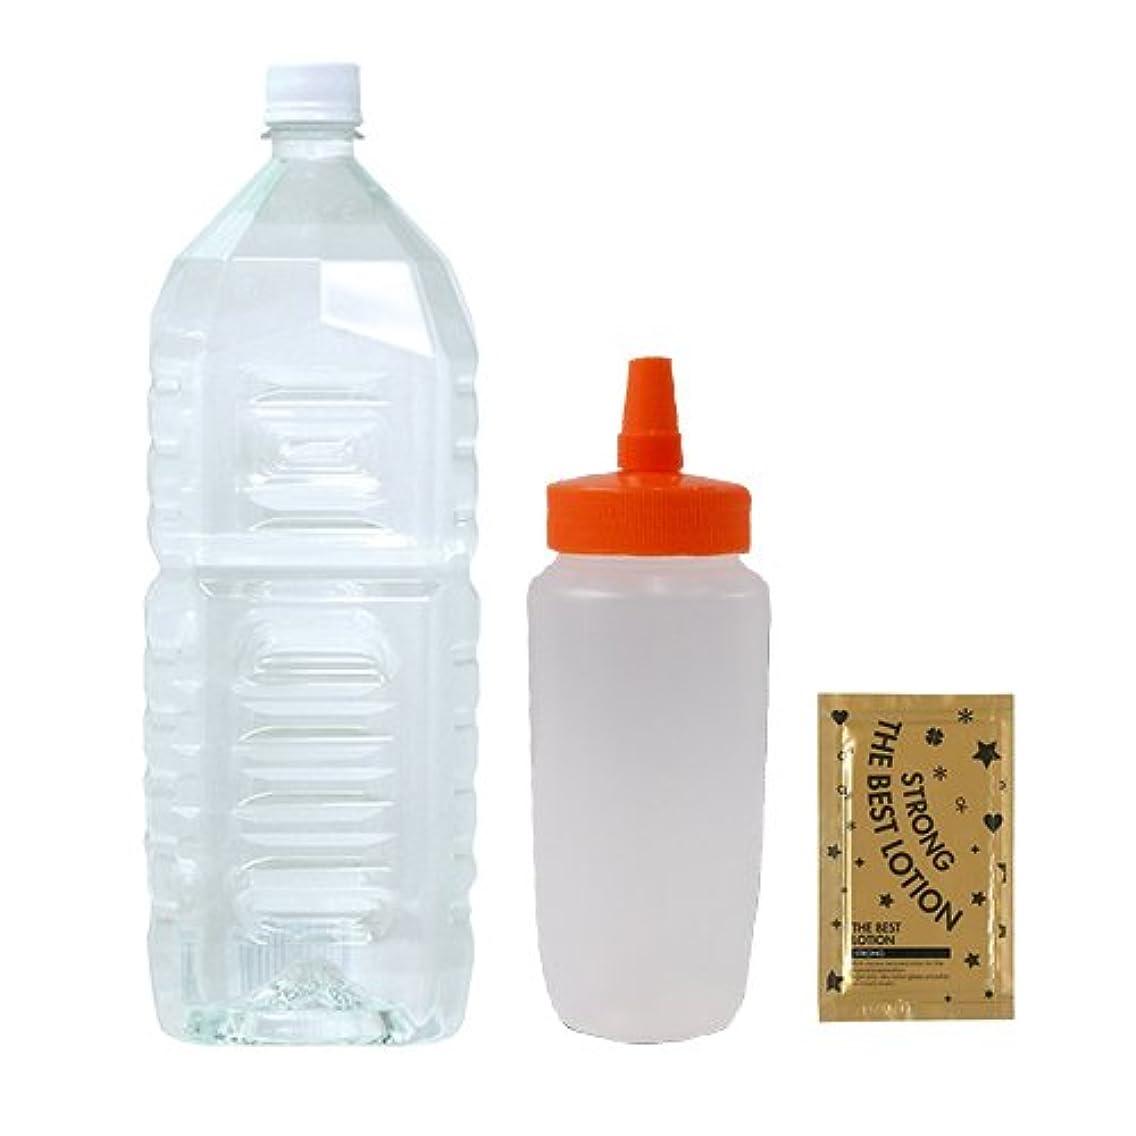 ペースレプリカナラーバークリアローション 2Lペットボトル ハードタイプ(5倍濃縮原液)+ はちみつ容器740ml(オレンジキャップ)+ ベストローションストロング 1包付き セット